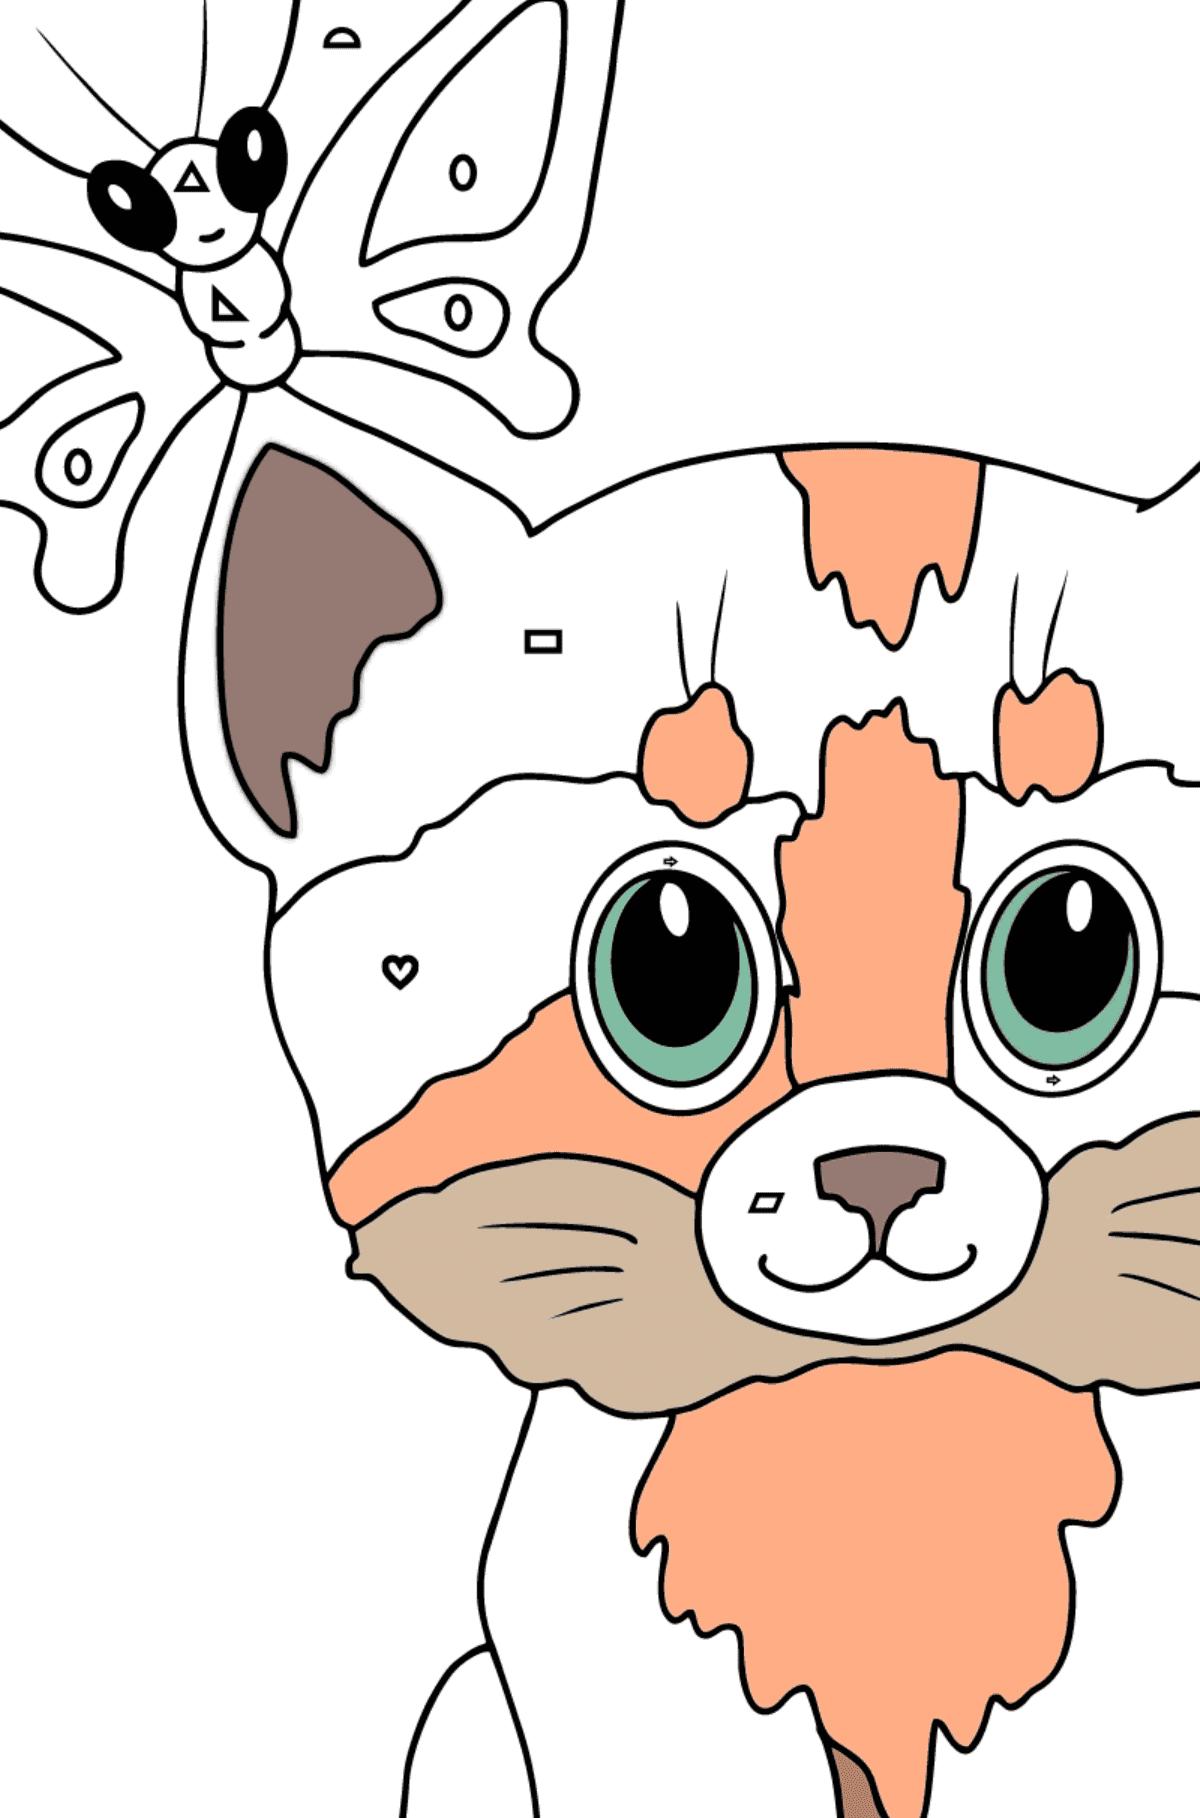 Раскраска кошка с бабочкой на ухе - Раскраска по Геометрическим Фигурам для Детей